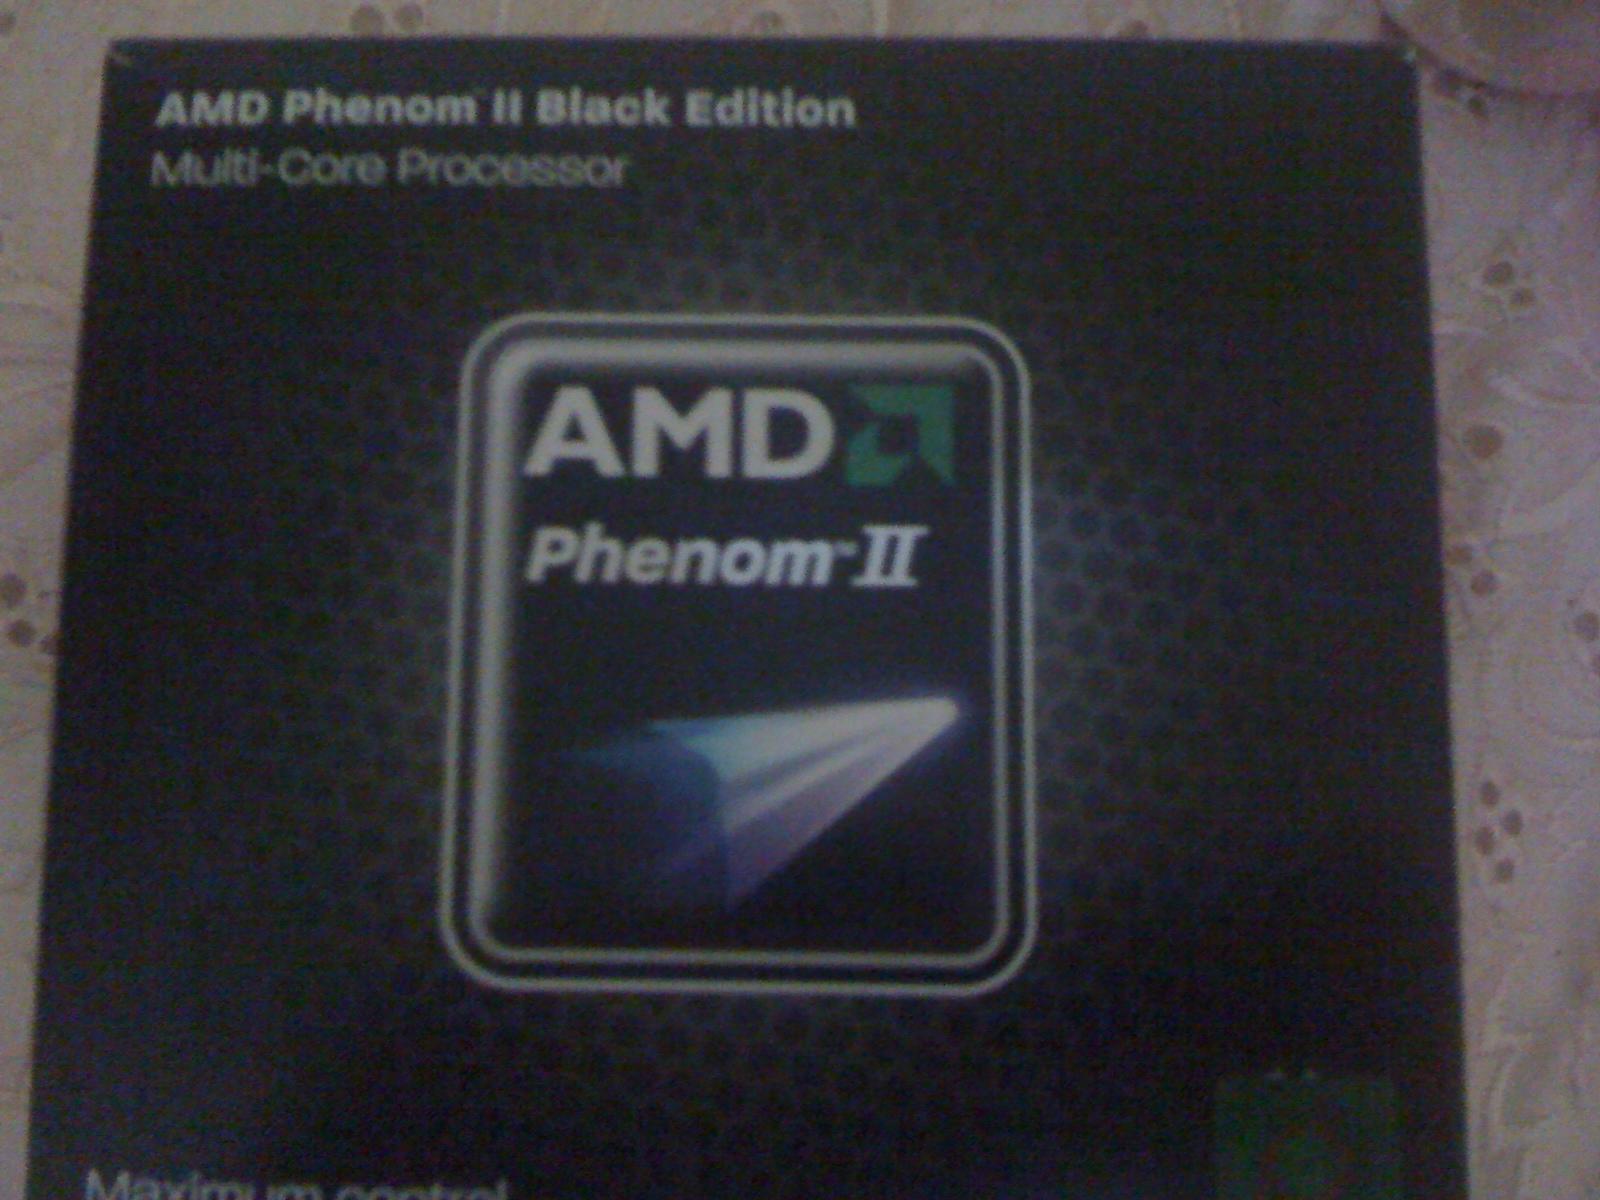 Amd Phenom II X4 965 3.4 Ghz